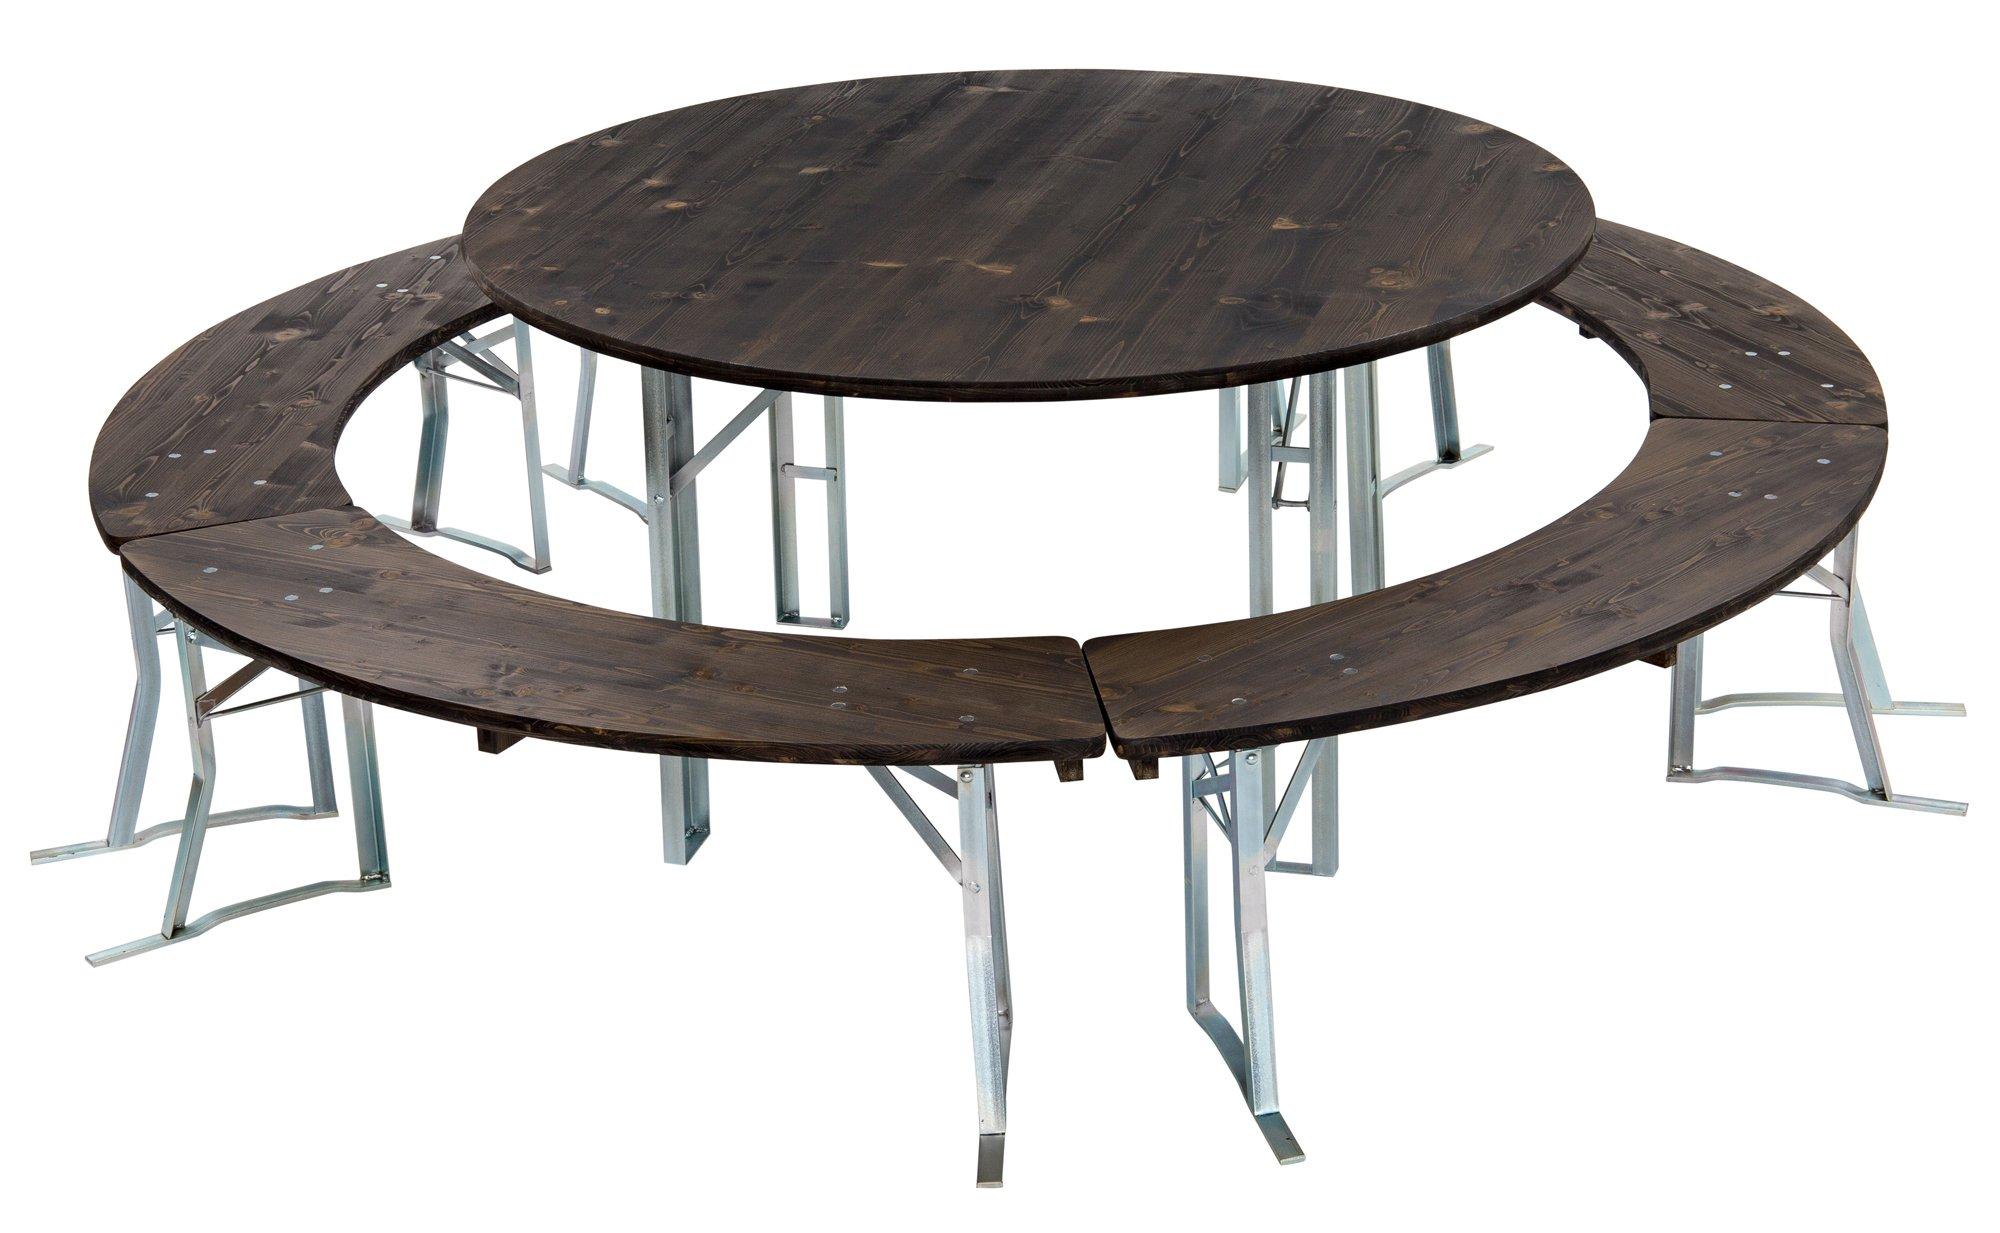 ensemble table ronde brasserie taille de la table 120 cm à ...